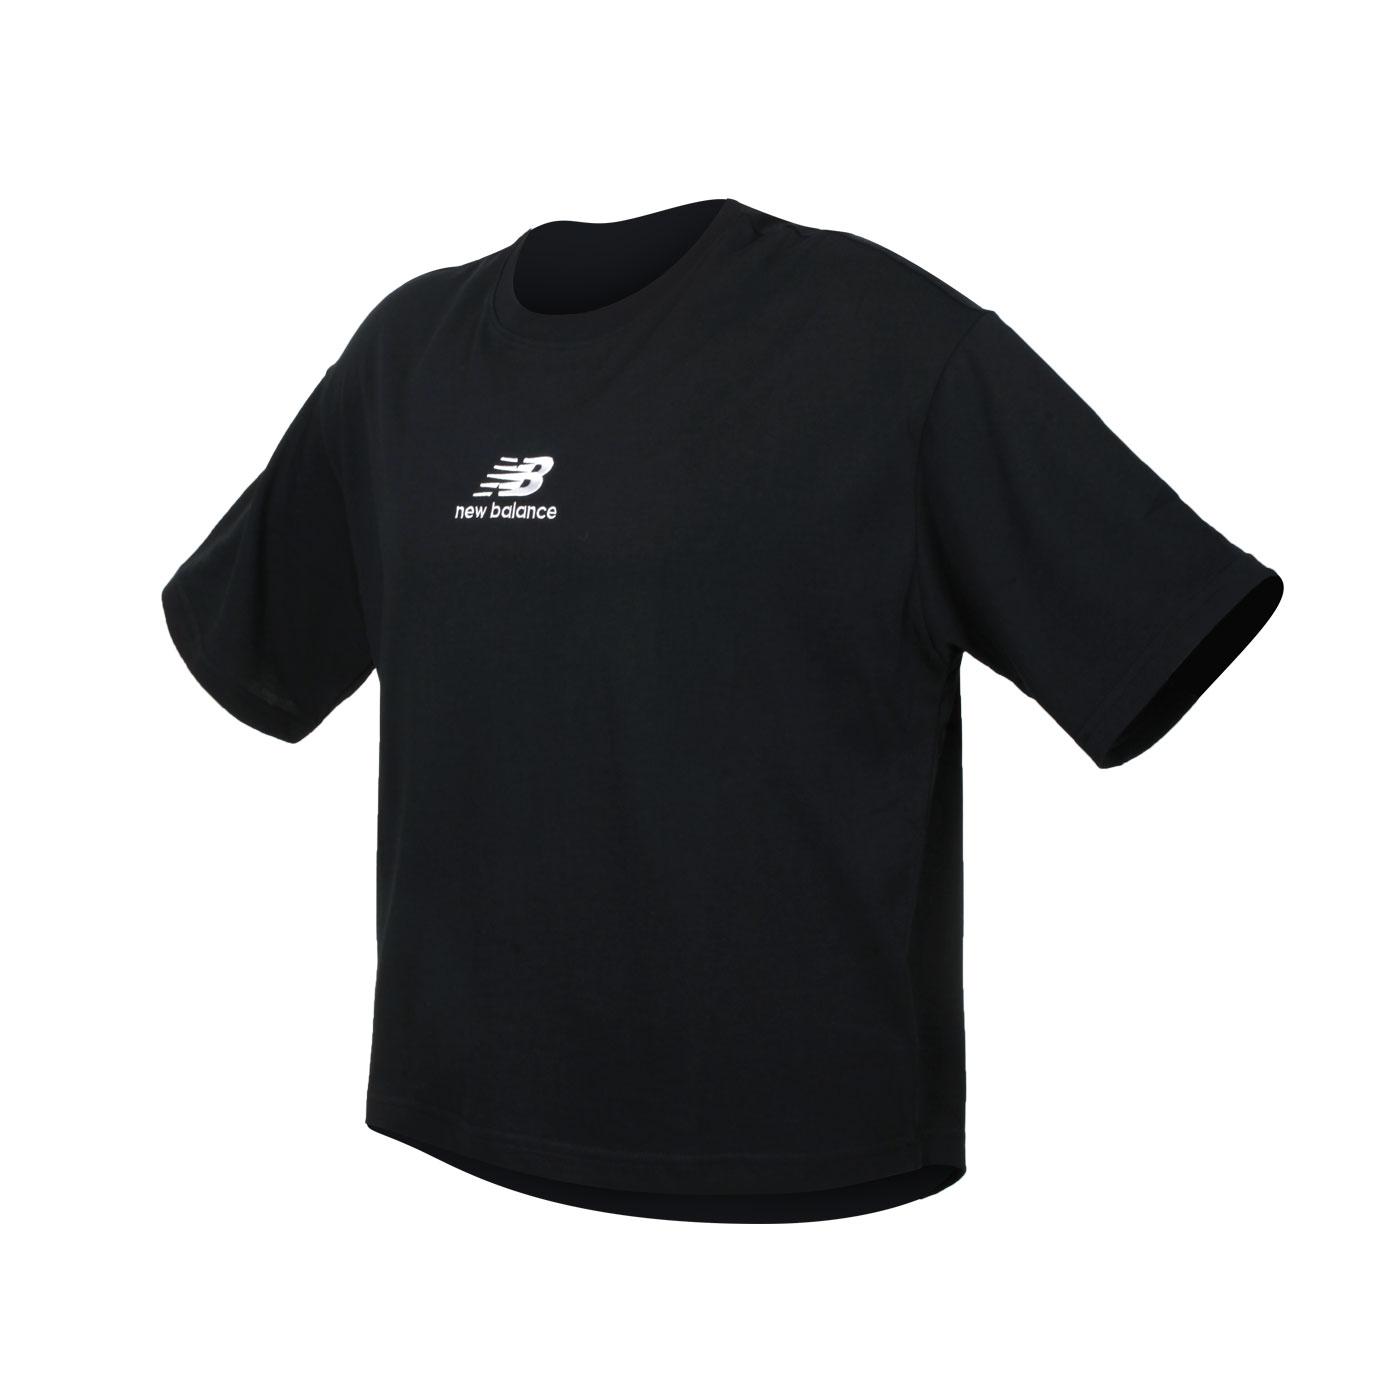 NEW BALANCE 女款前短後長短袖T恤 AWT11540BK